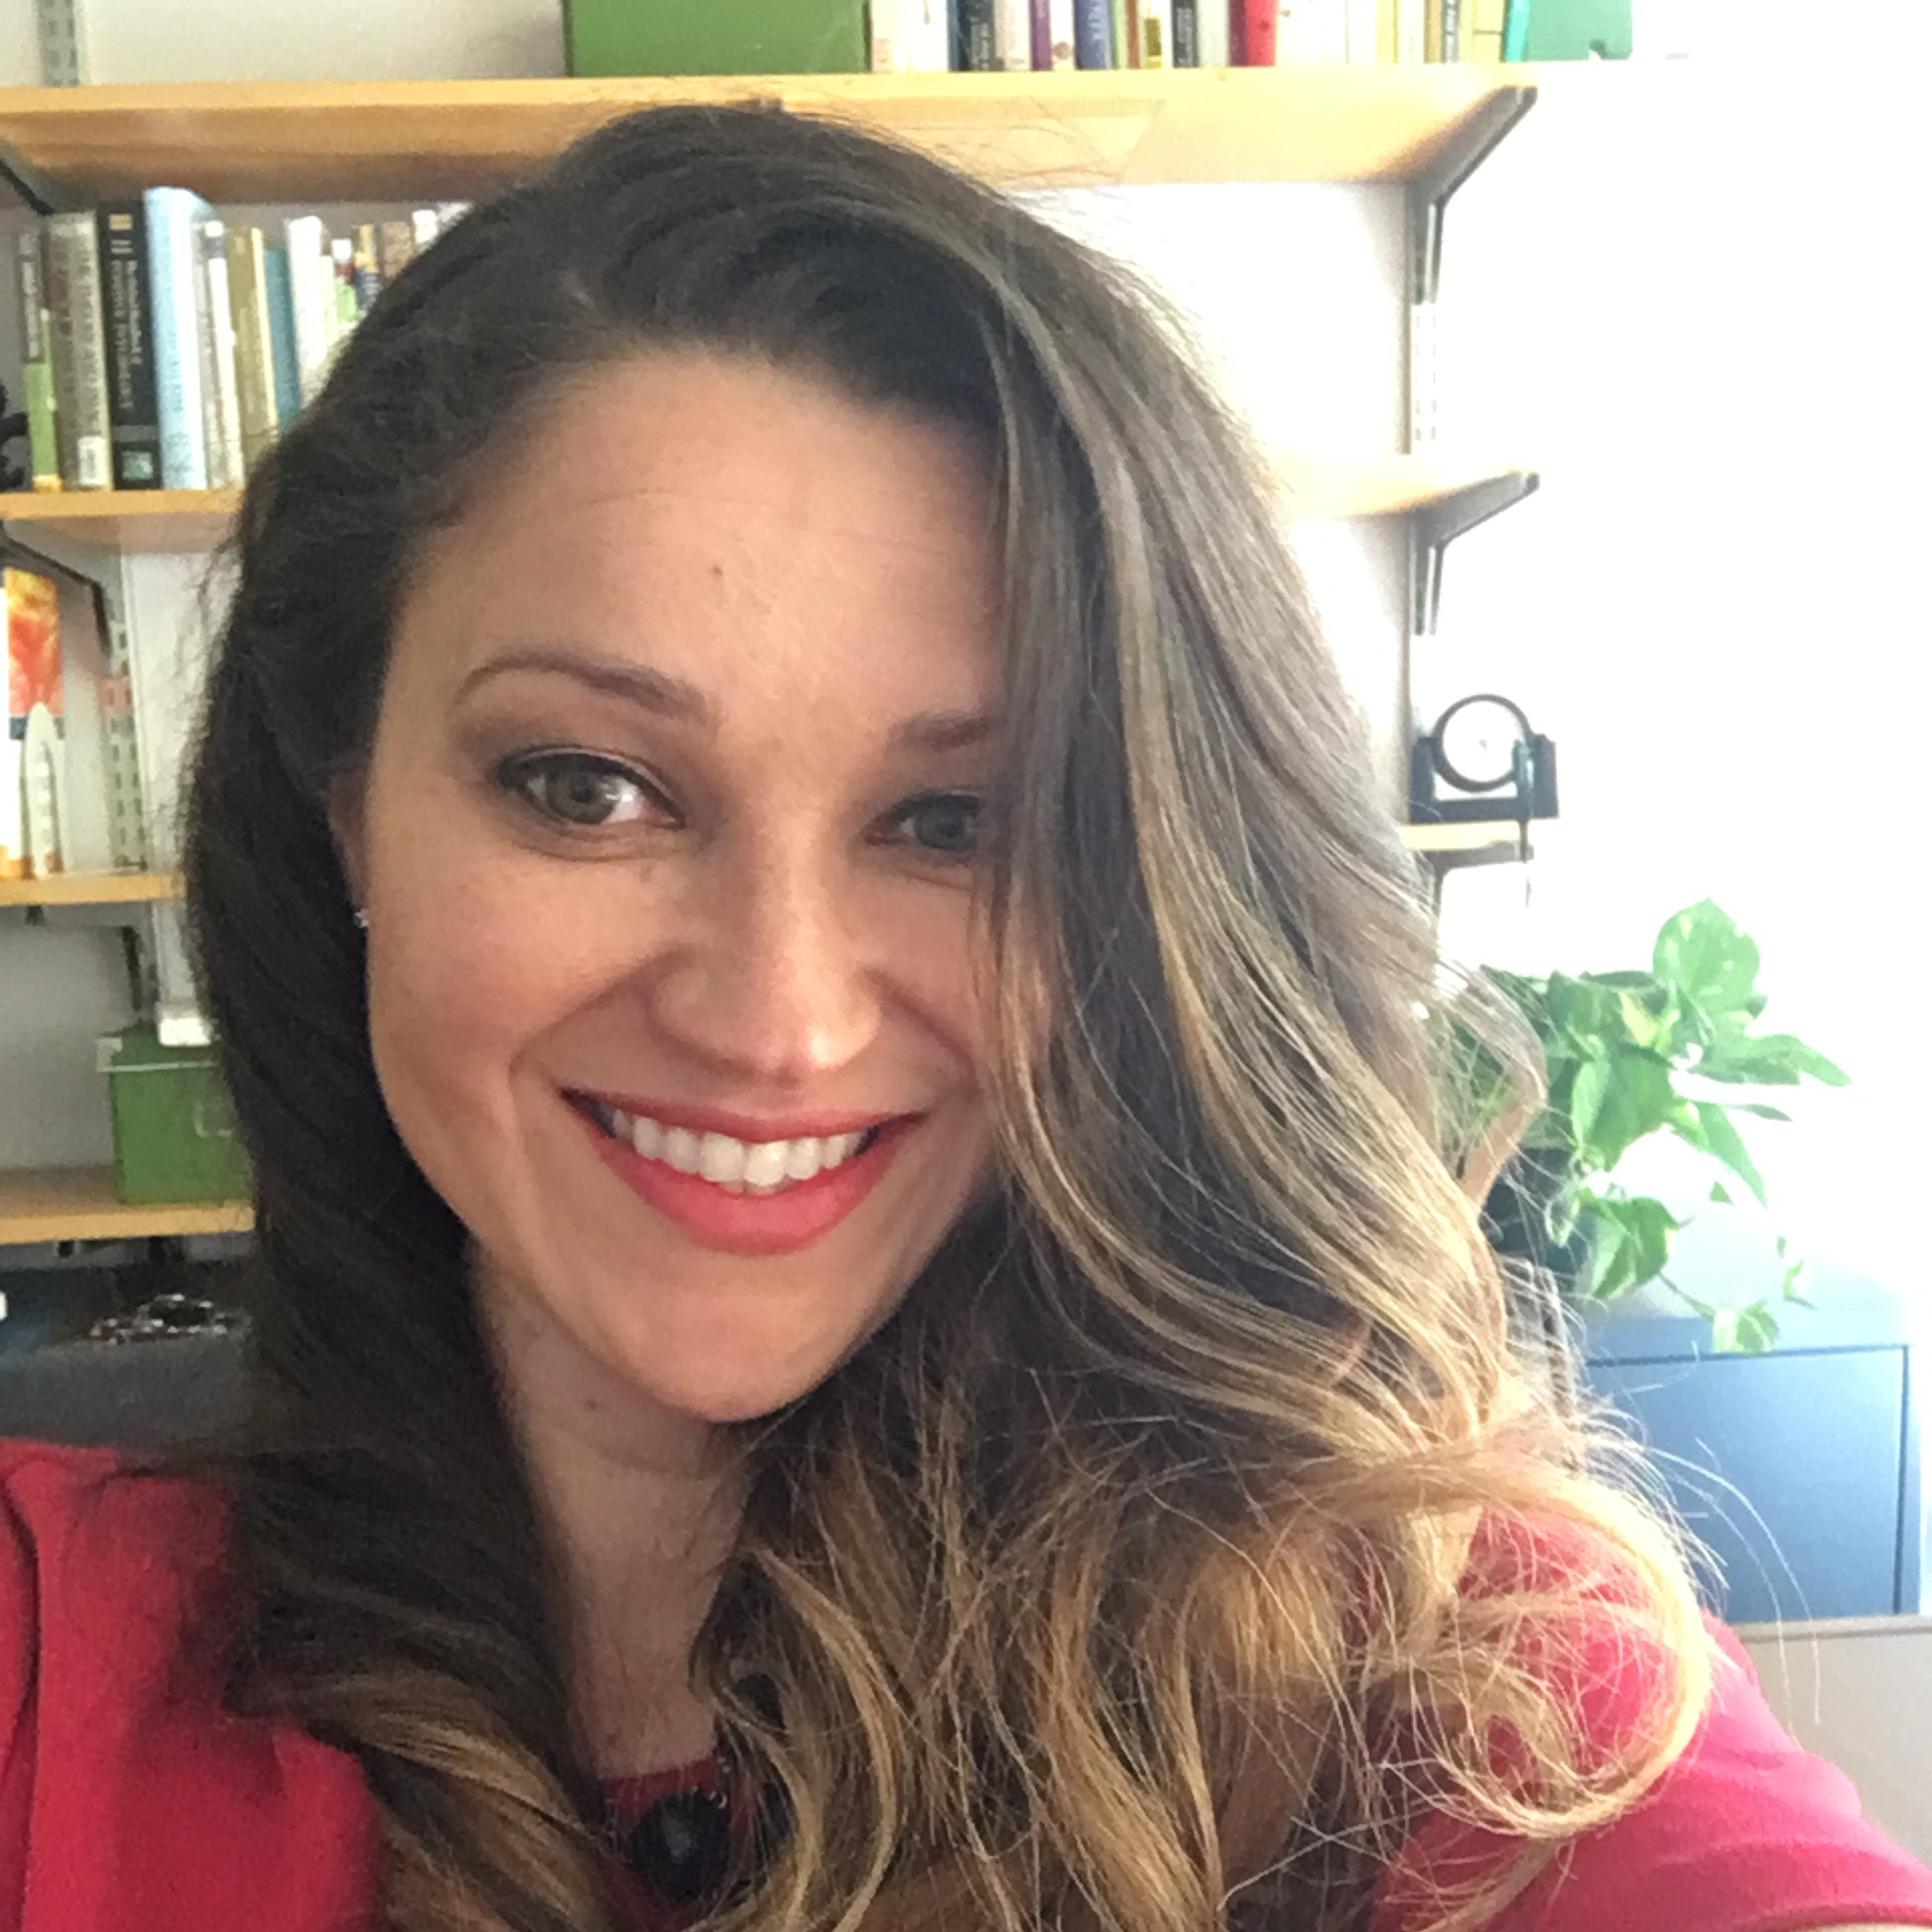 DR. Erica Merrill